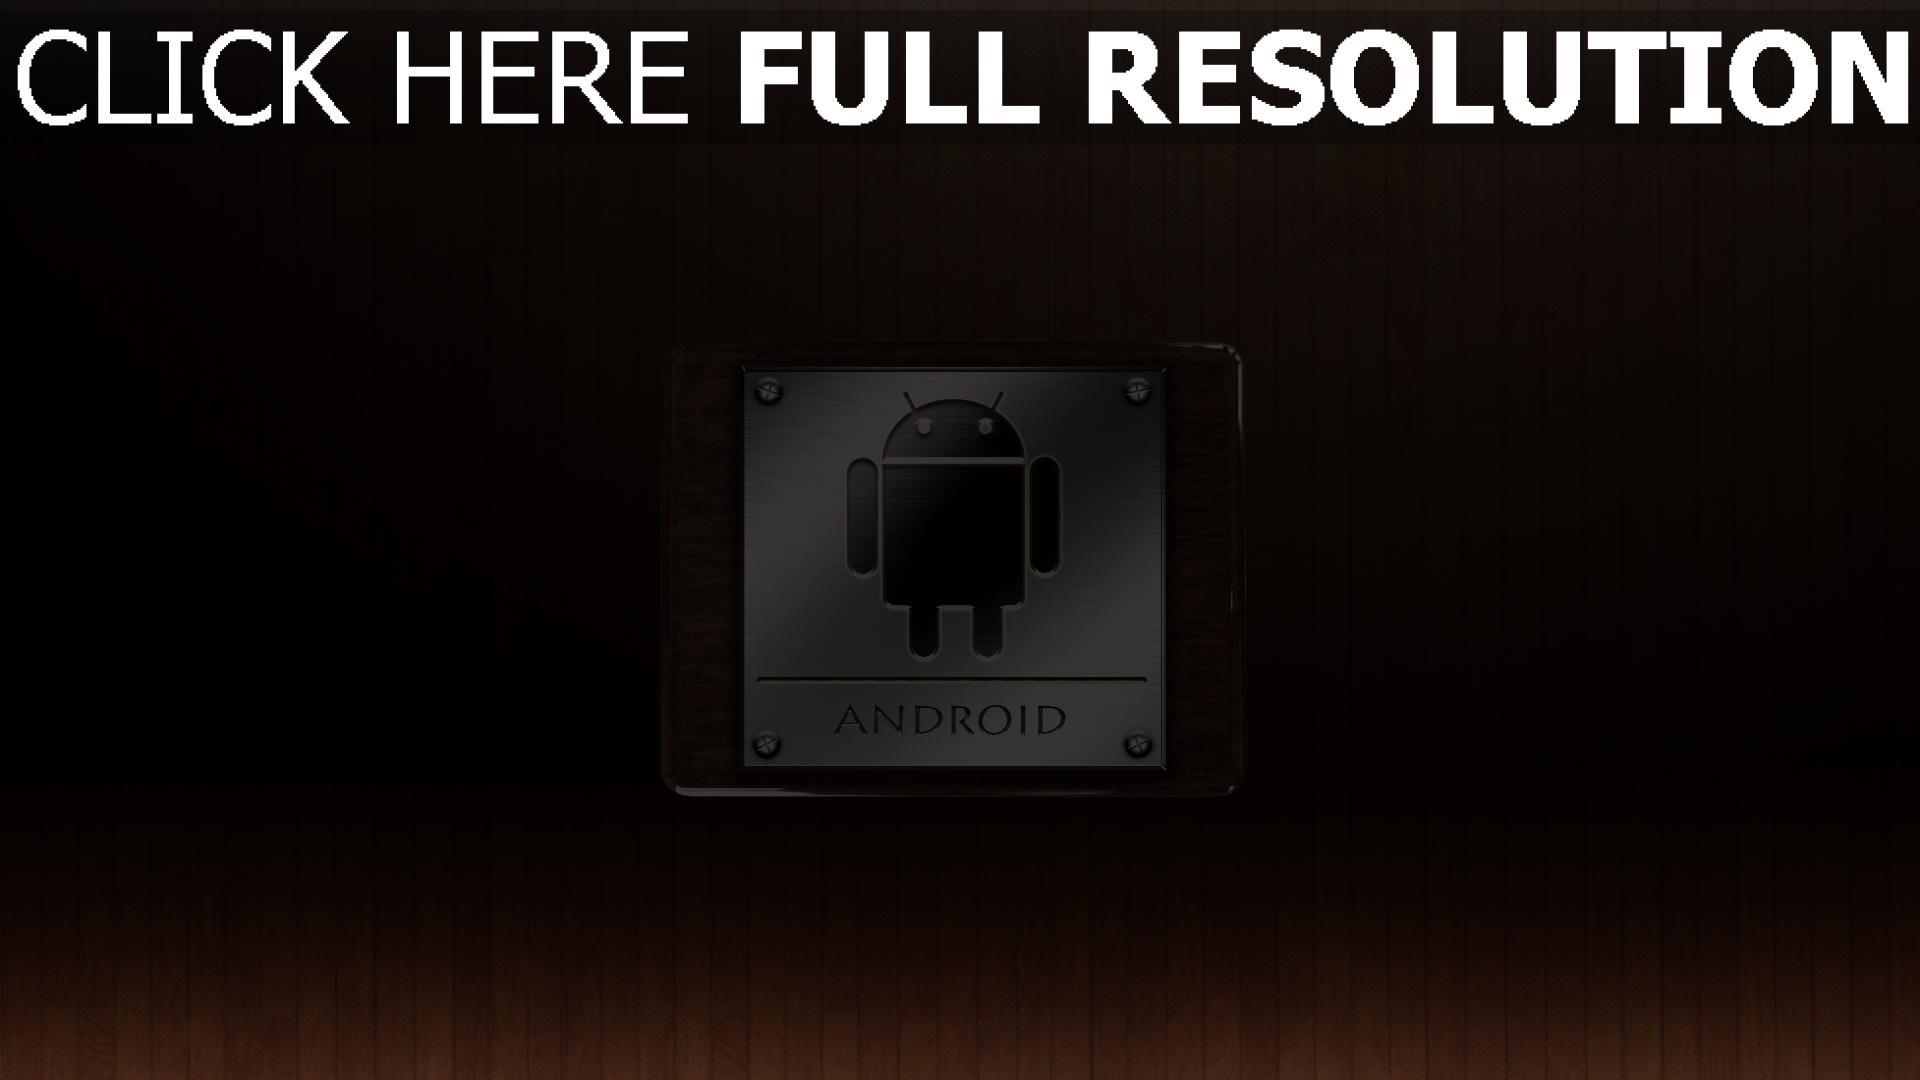 hd hintergrundbilder android metall holz textur emblem 1920x1080